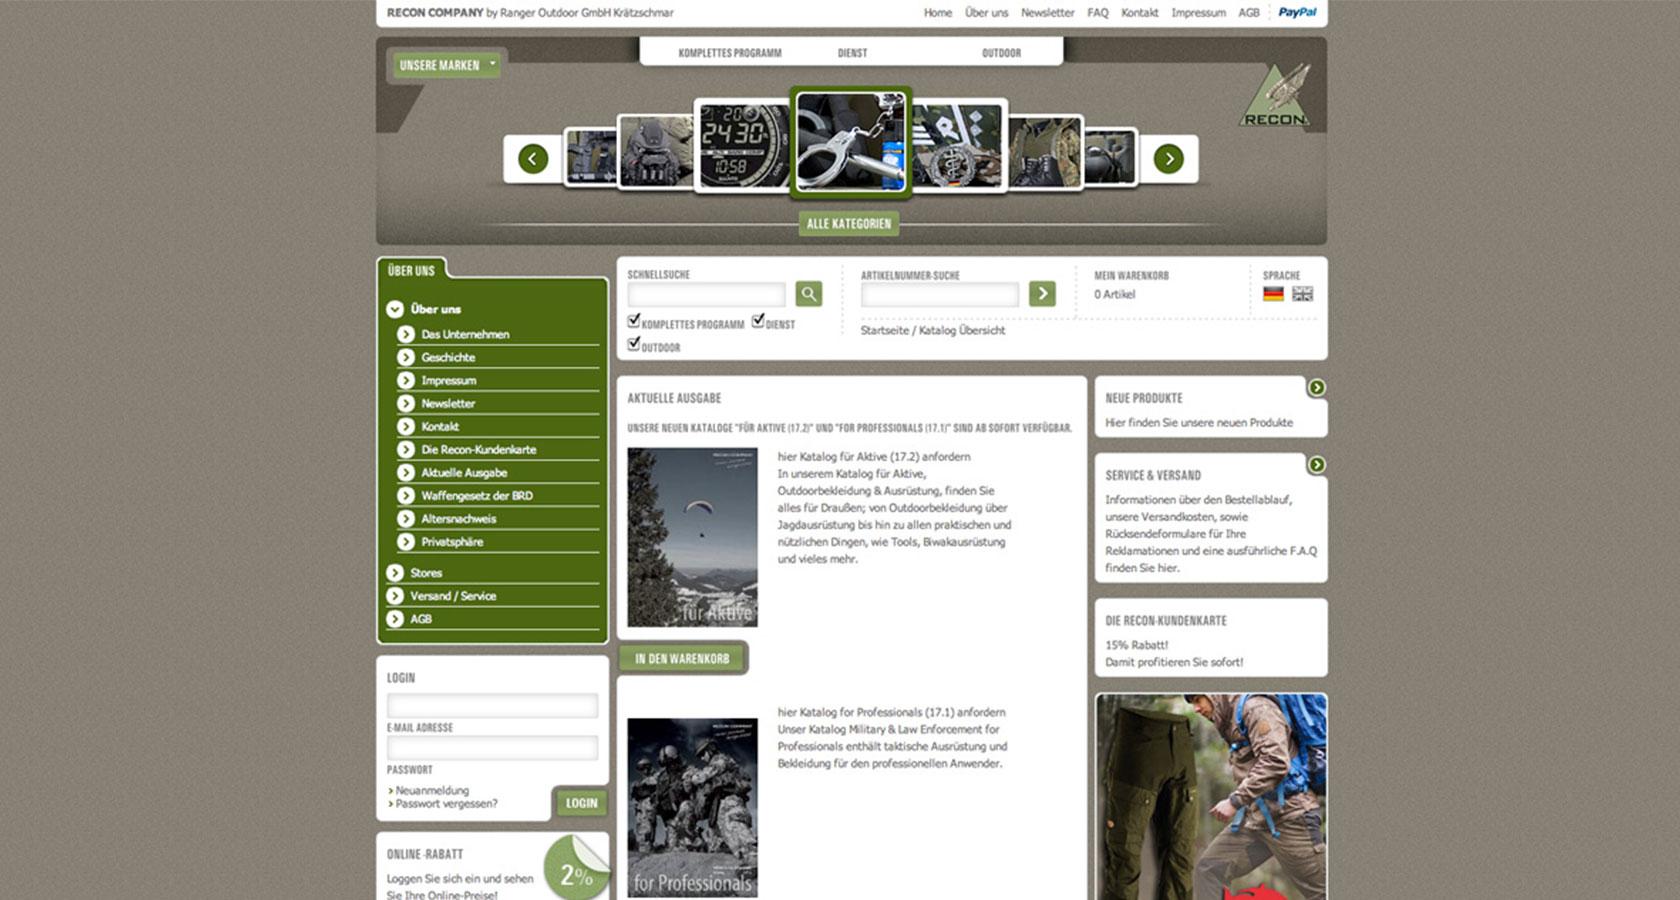 Screenshot der Startseite des Onlineshops für die RECON Company